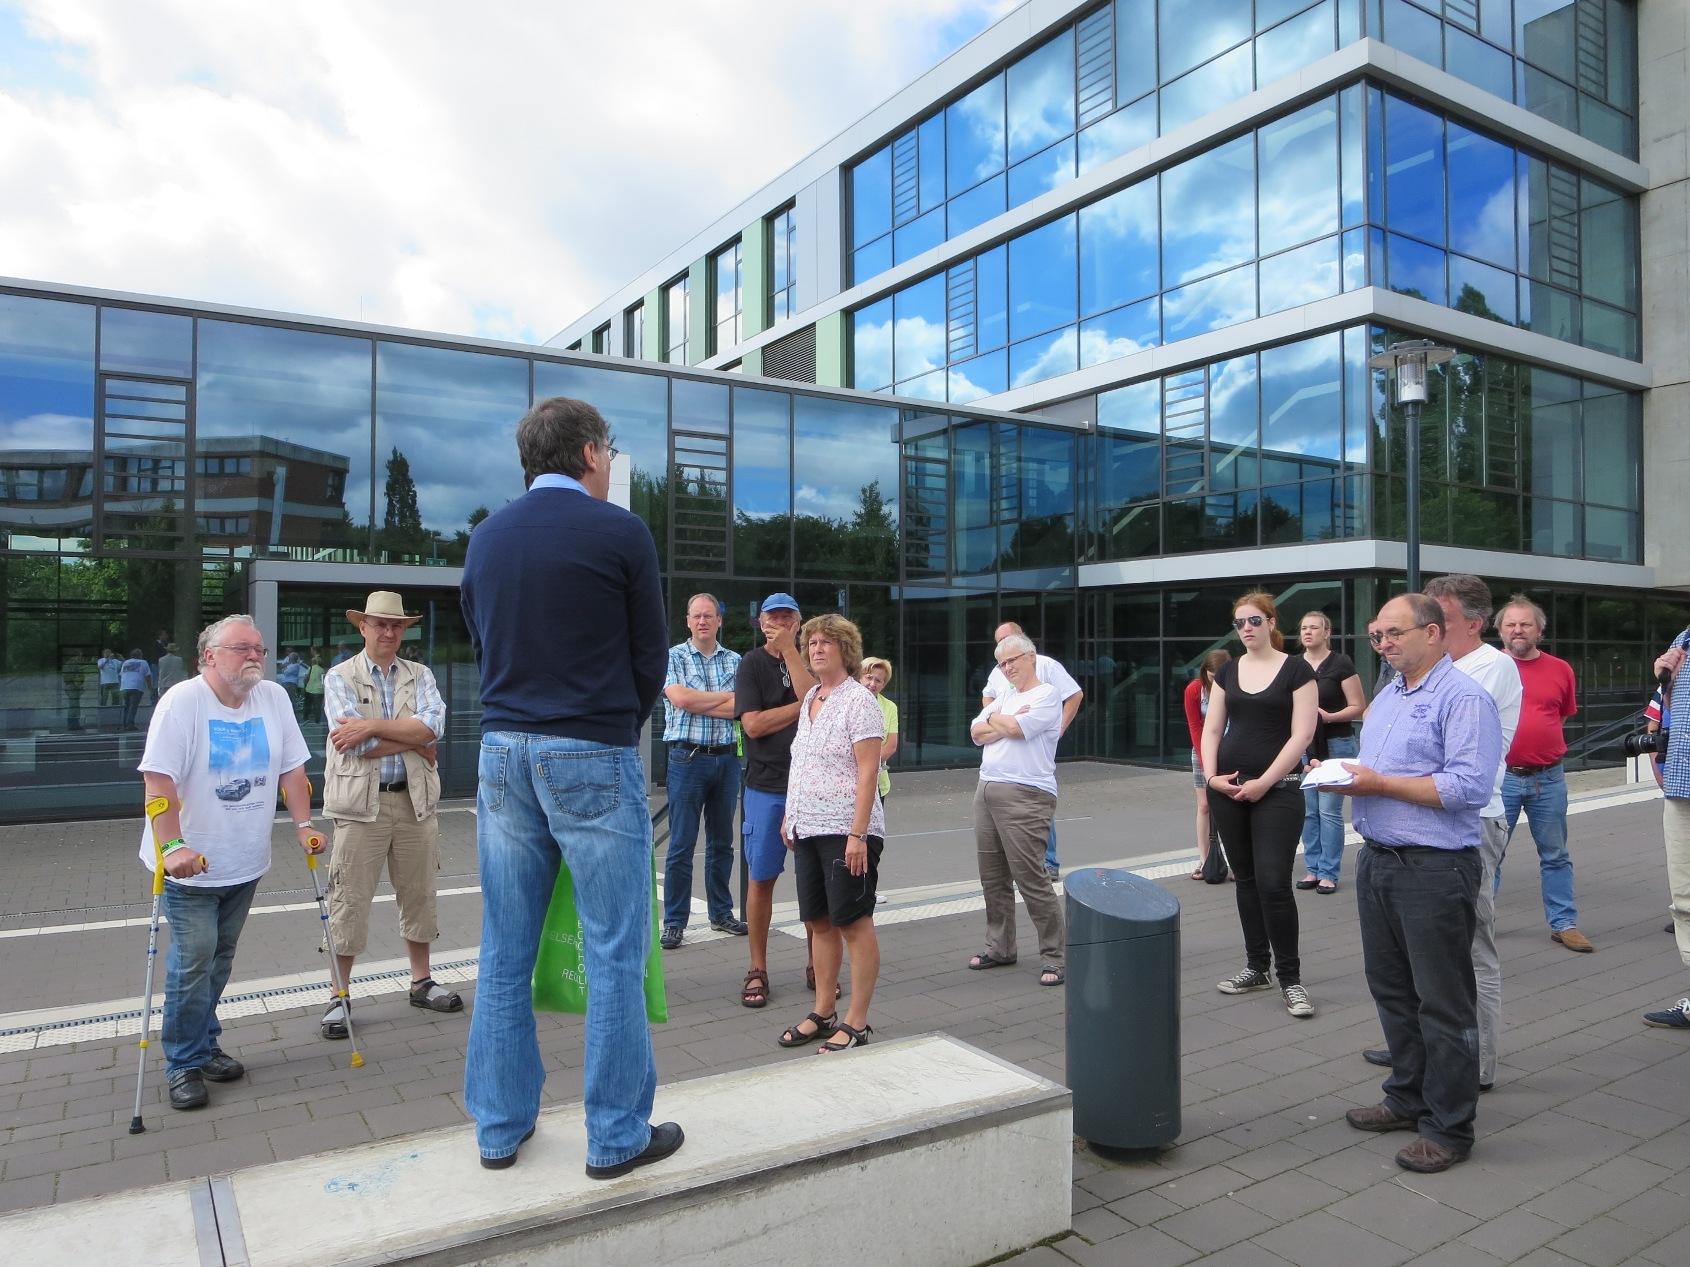 Dipl. Ing Thomas Krause begrüßte die Gruppe an der Westf. Hochschule und informierte über das Projekt eDrivingSchool